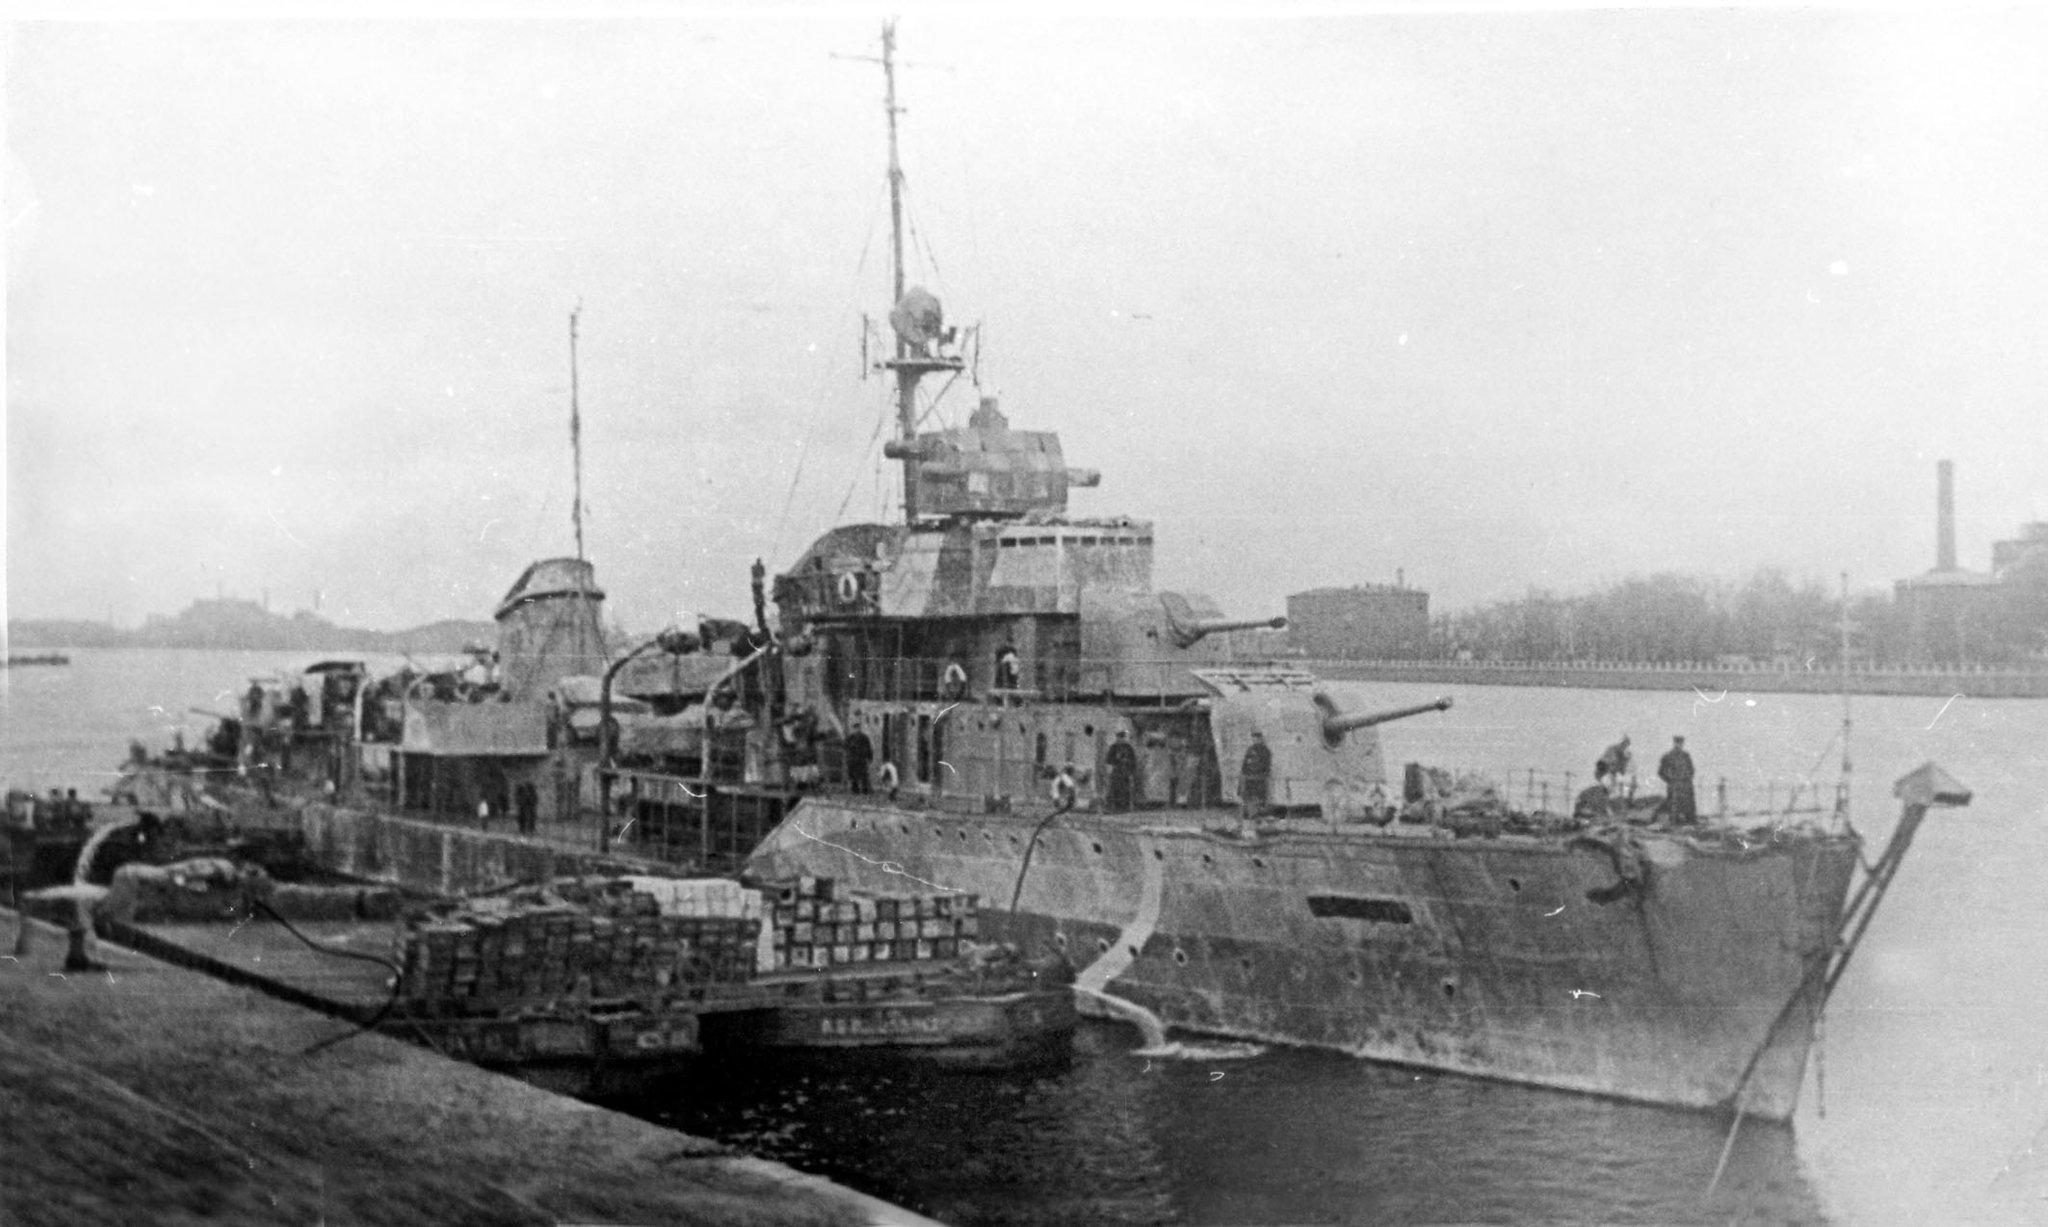 фото советских боевых кораблей времен вов гласит том, что